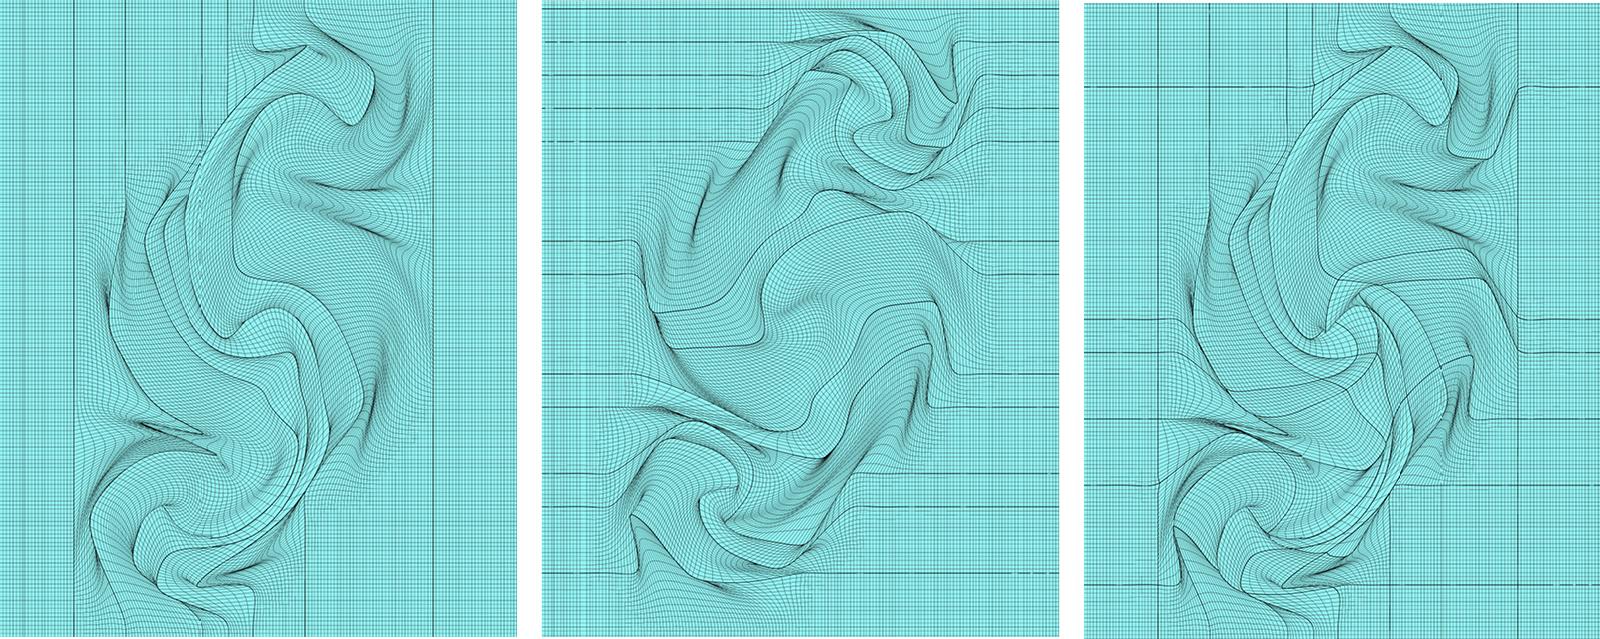 Mesh Subdivision: Loop and Catmull-Clark – bespoke geometry